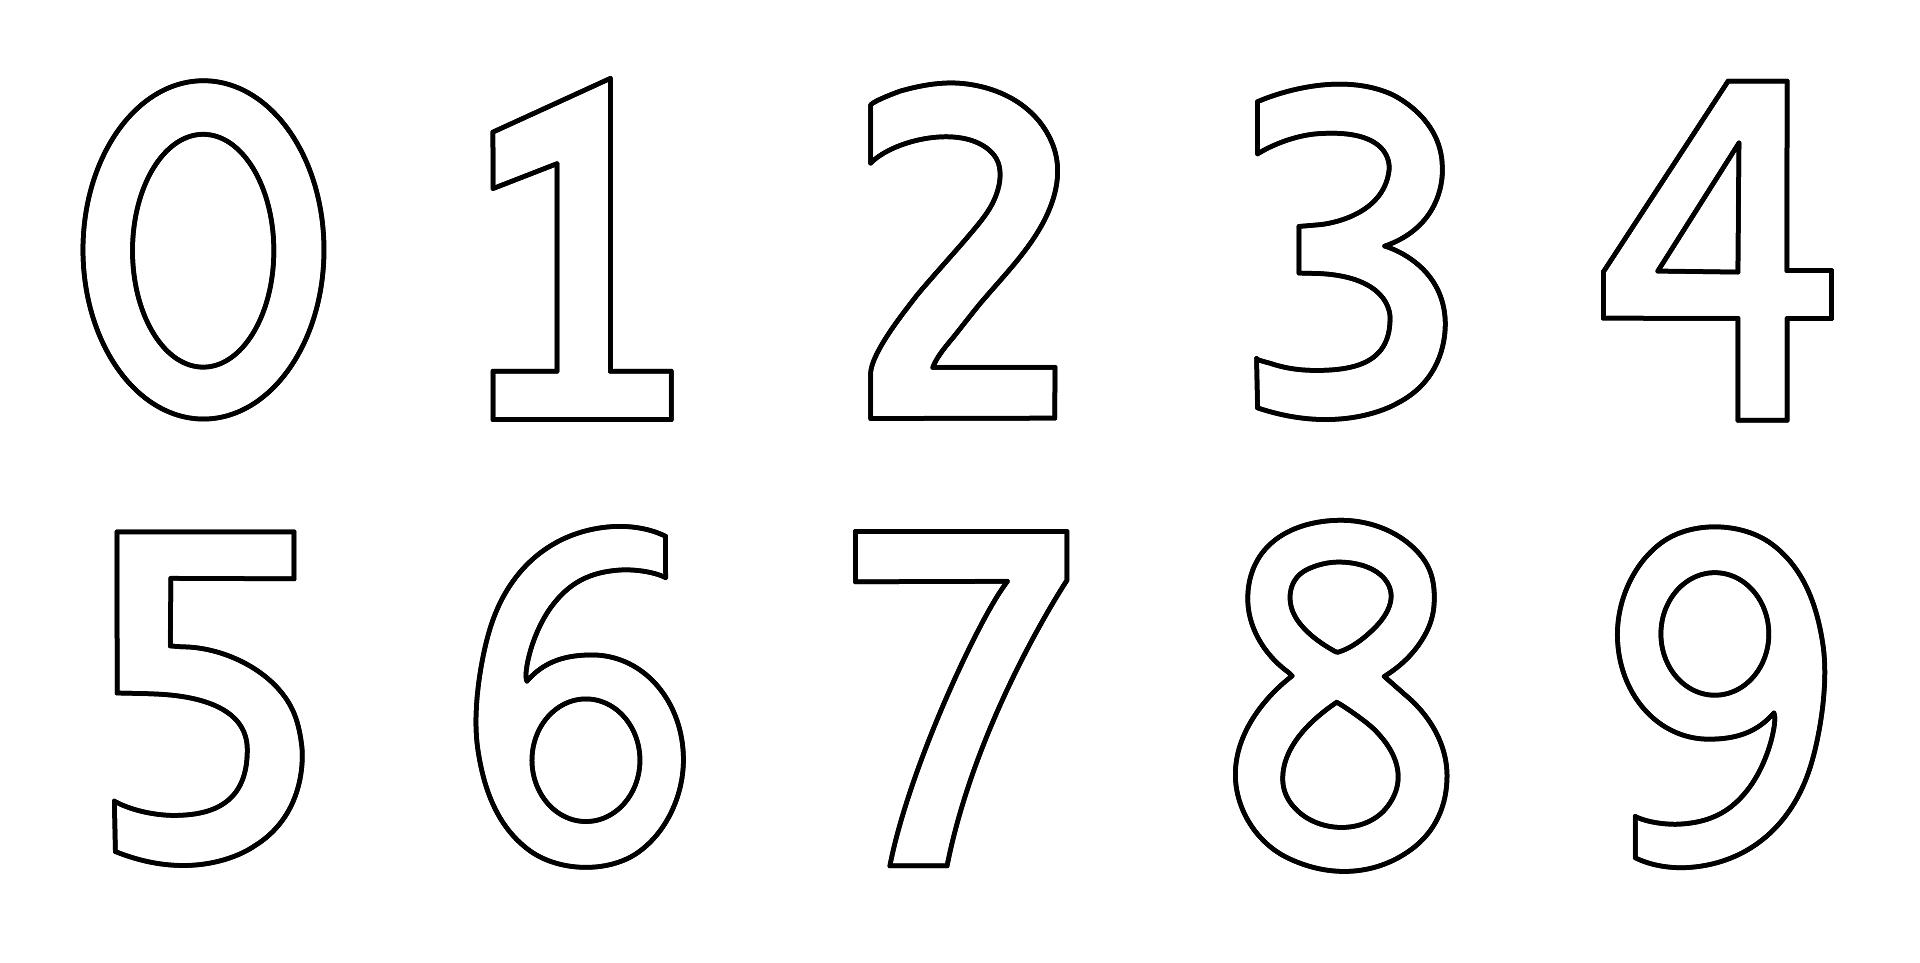 Dibujos Del Numero 7 Para Colorear: Dibujos De Números Para Colorear E Imprimir Gratis